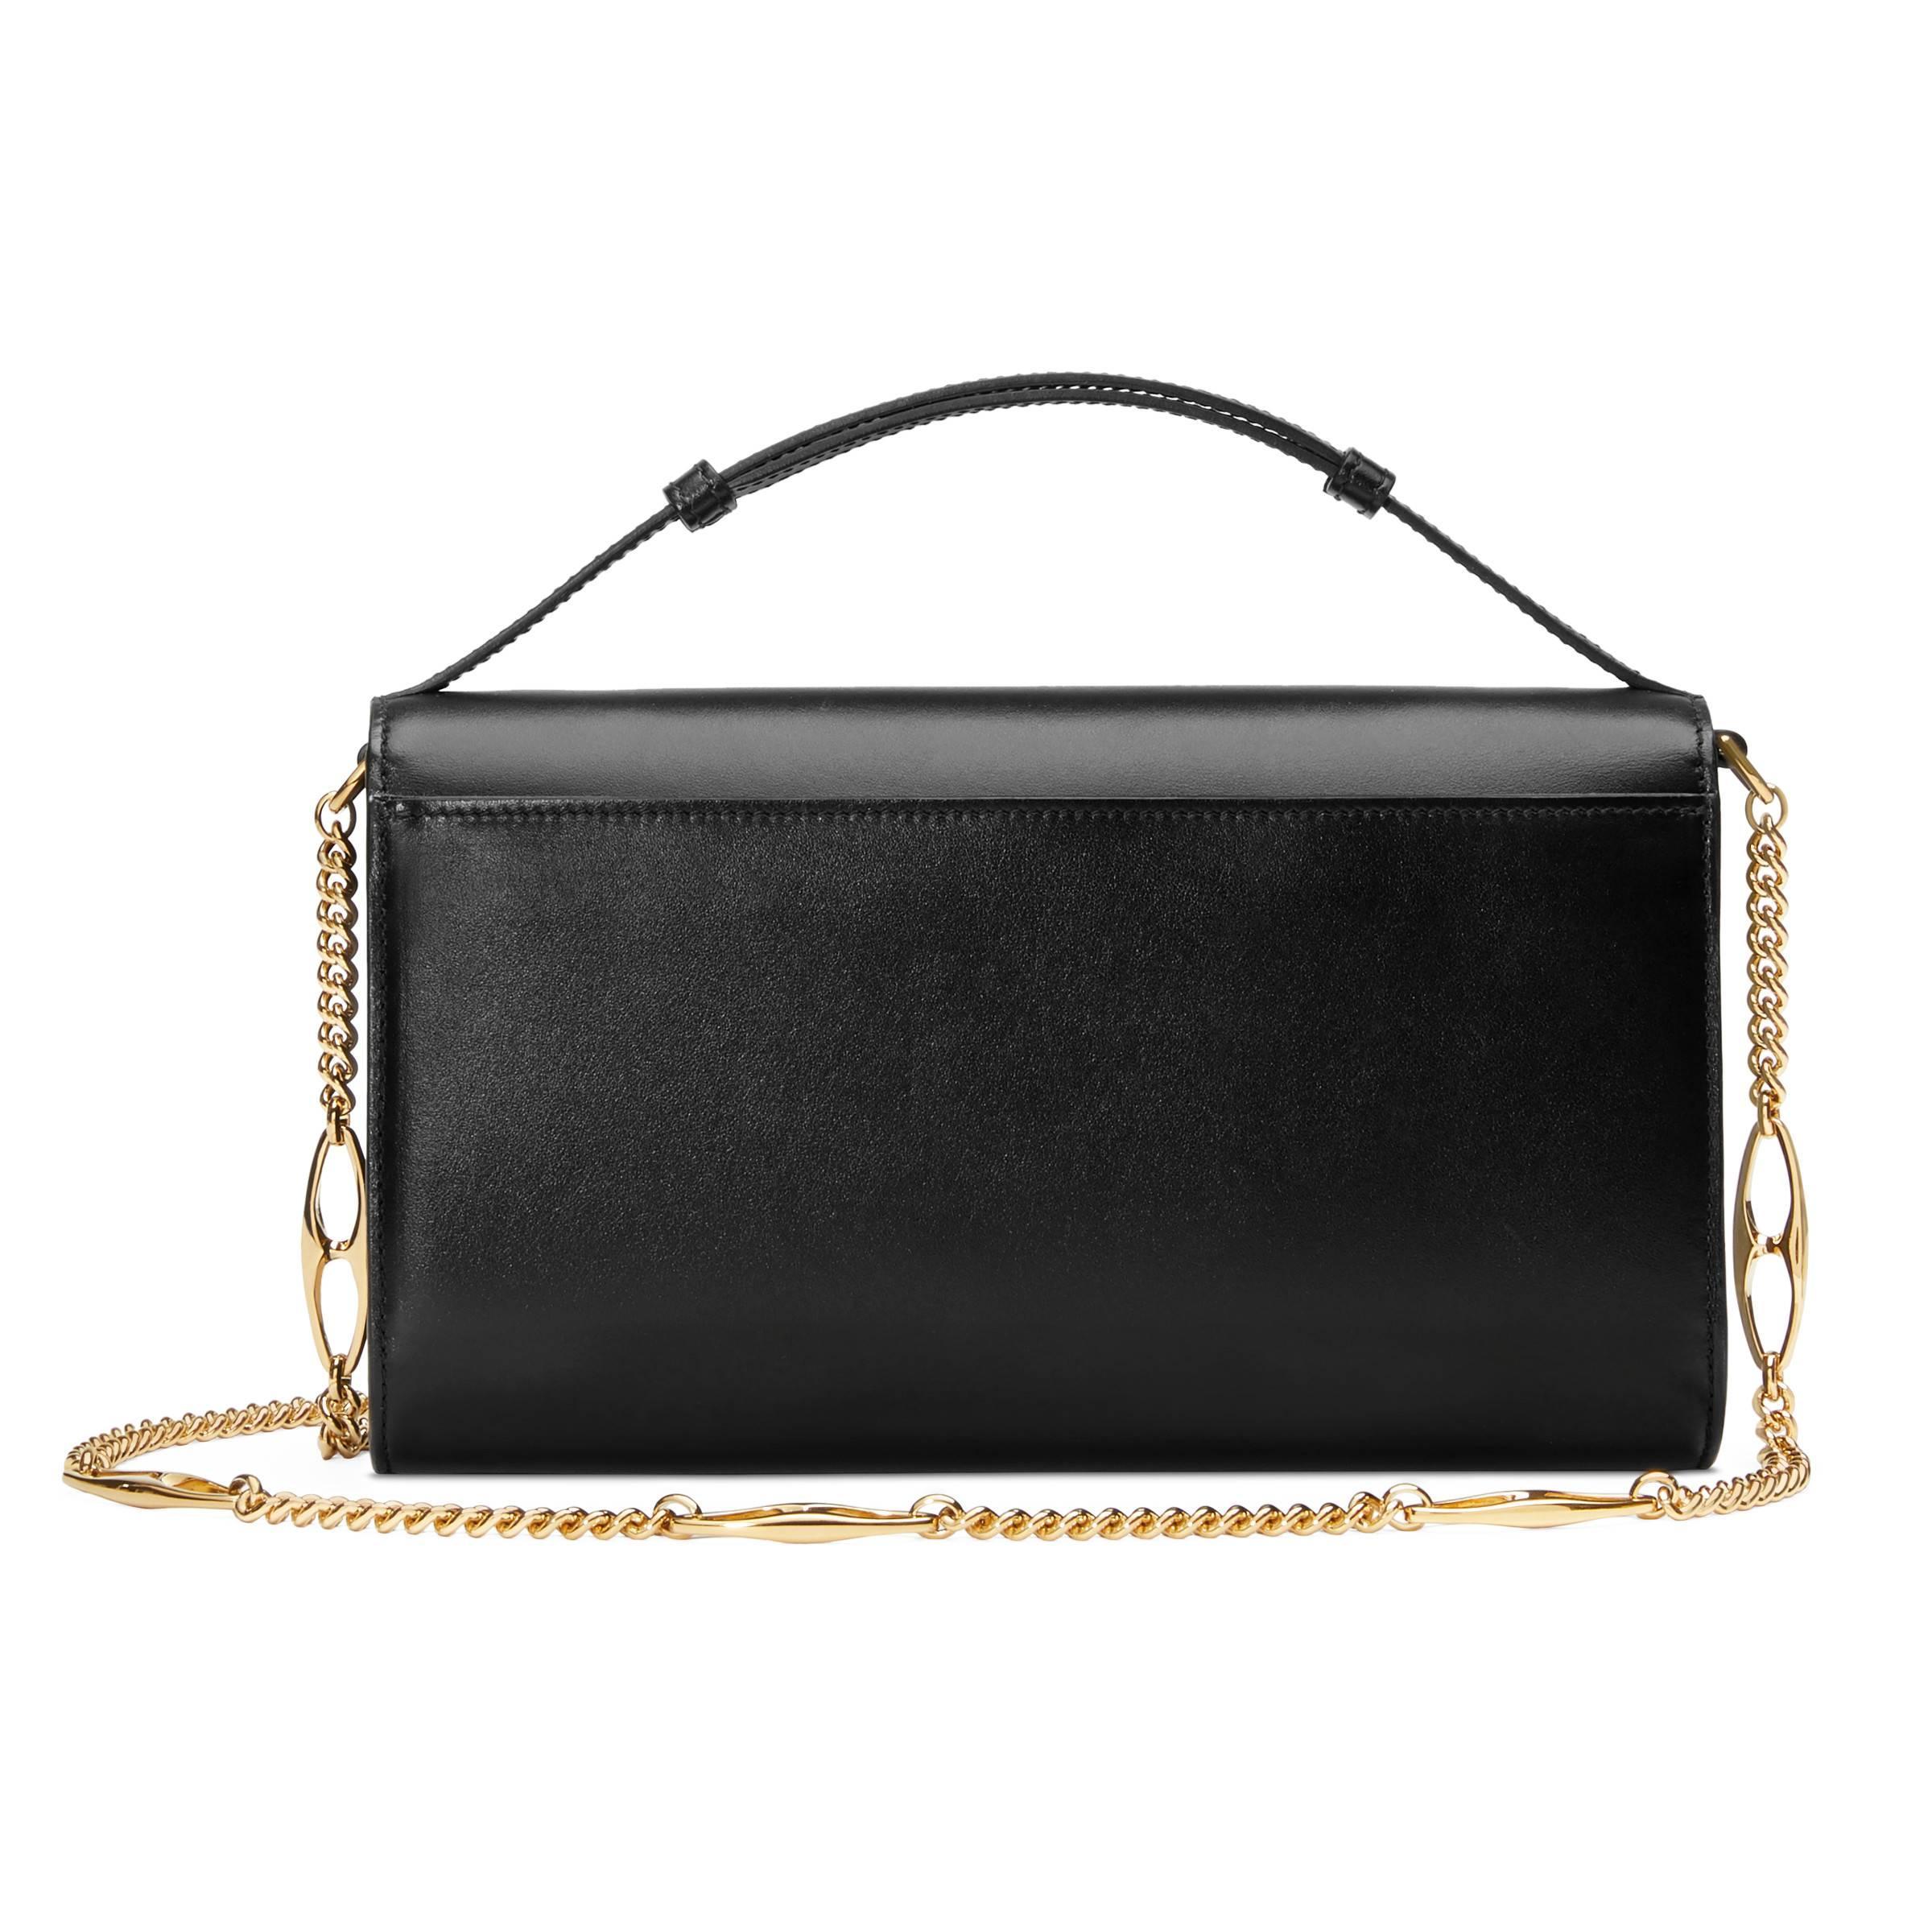 3f214bd56b2 Lyst - Petit sac porté épaule Zumi Gucci en coloris Noir